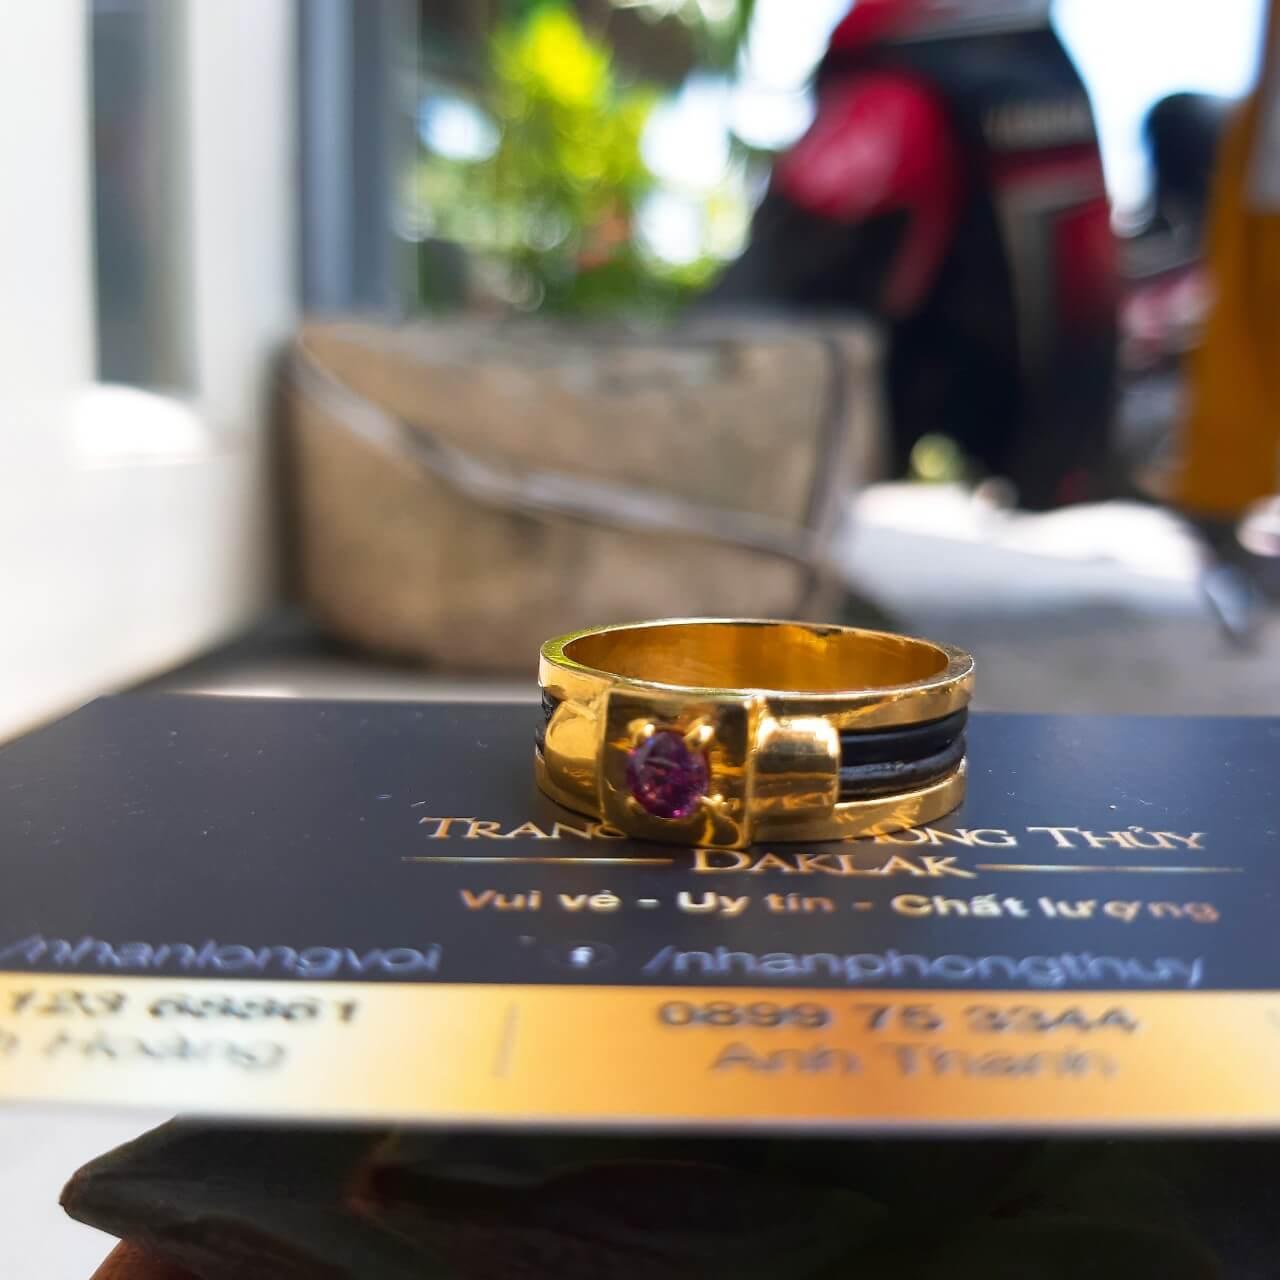 Nhẫn nam vàng đính đá tím luồng 2 sợi lông voi - Bảng 4li Riogems